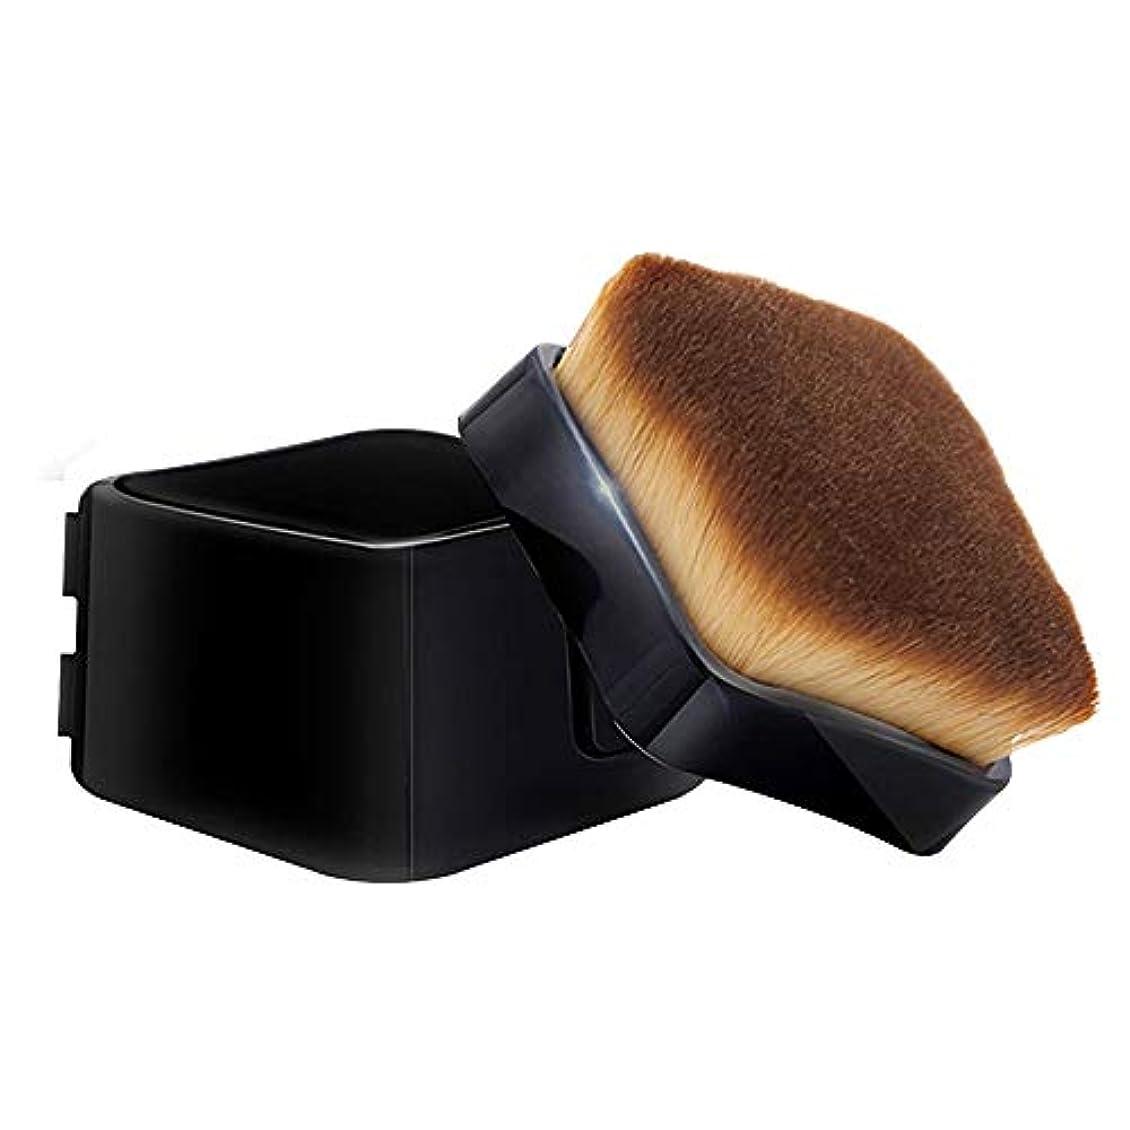 臨検アーサーコンドームEsubara メイクブラシ ファンデーションブラシ 化粧筆 フェイスブラシ 柔らかい毛